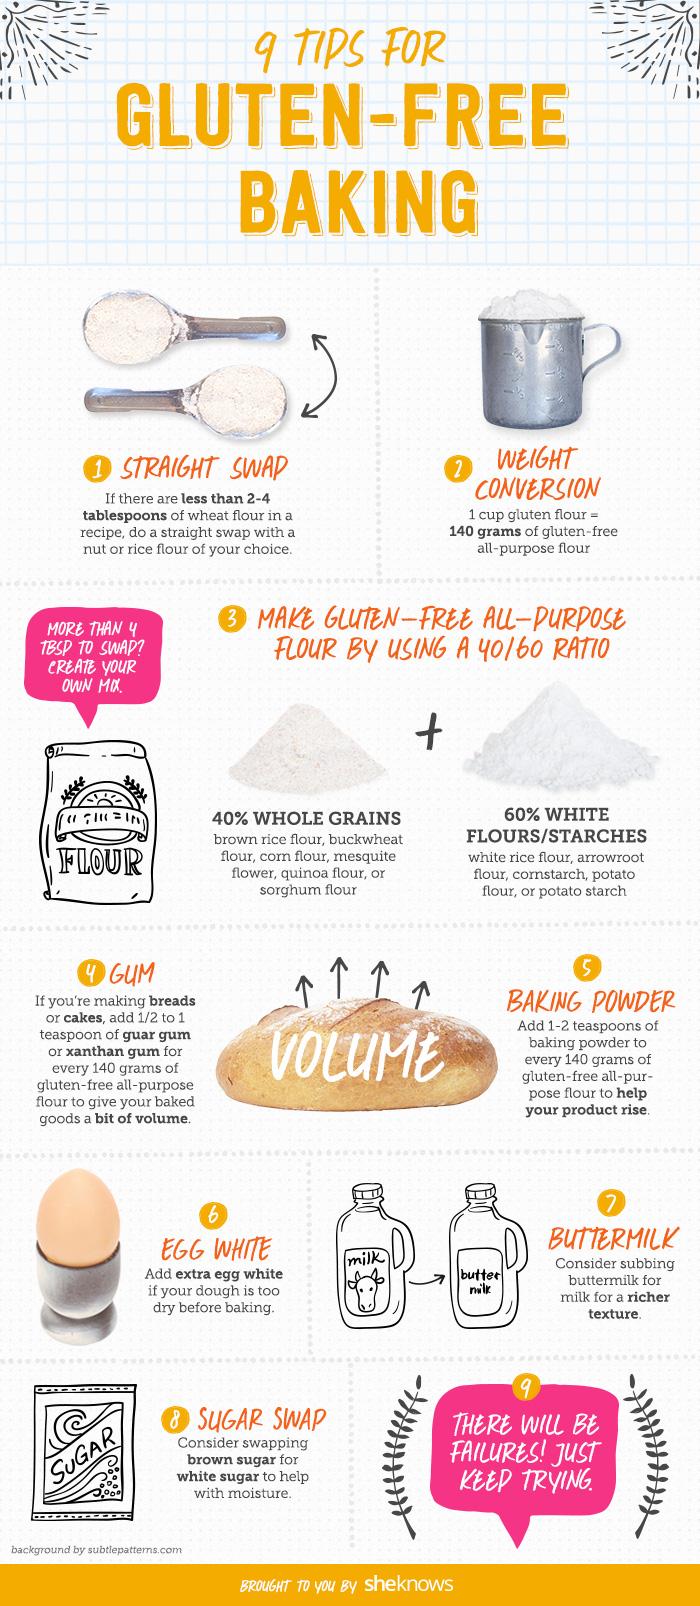 9 Tips For Gluten-Free Baking